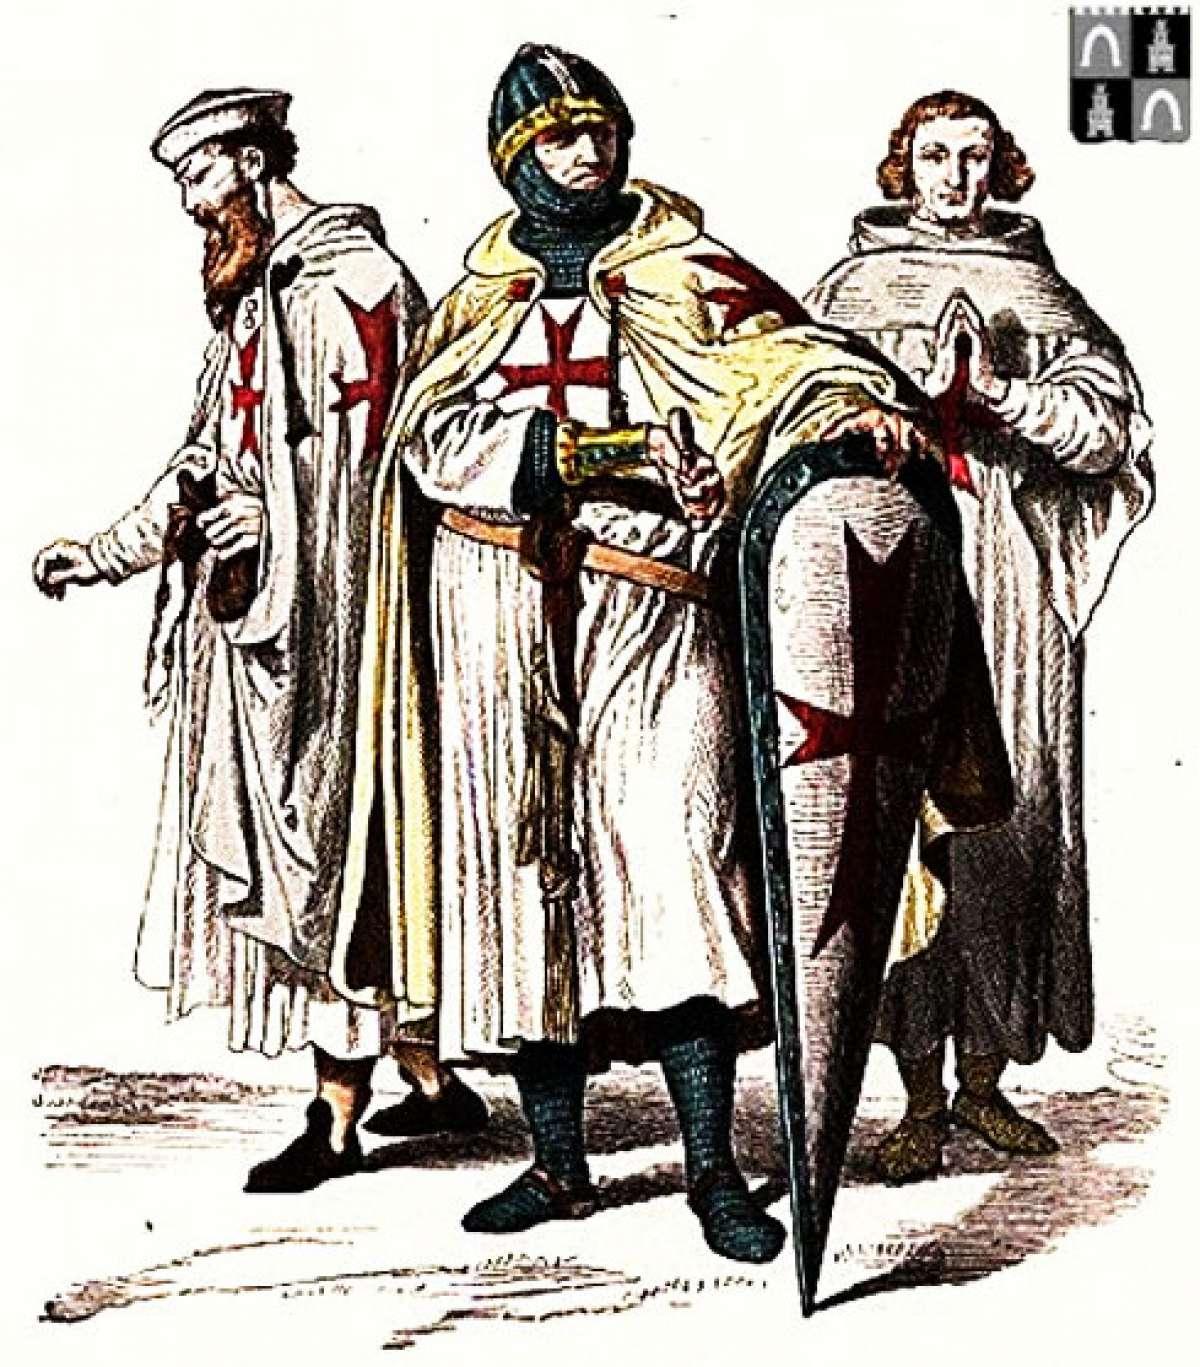 Кем на самом деле являлись тамплиеры? Кому они поклонялись?